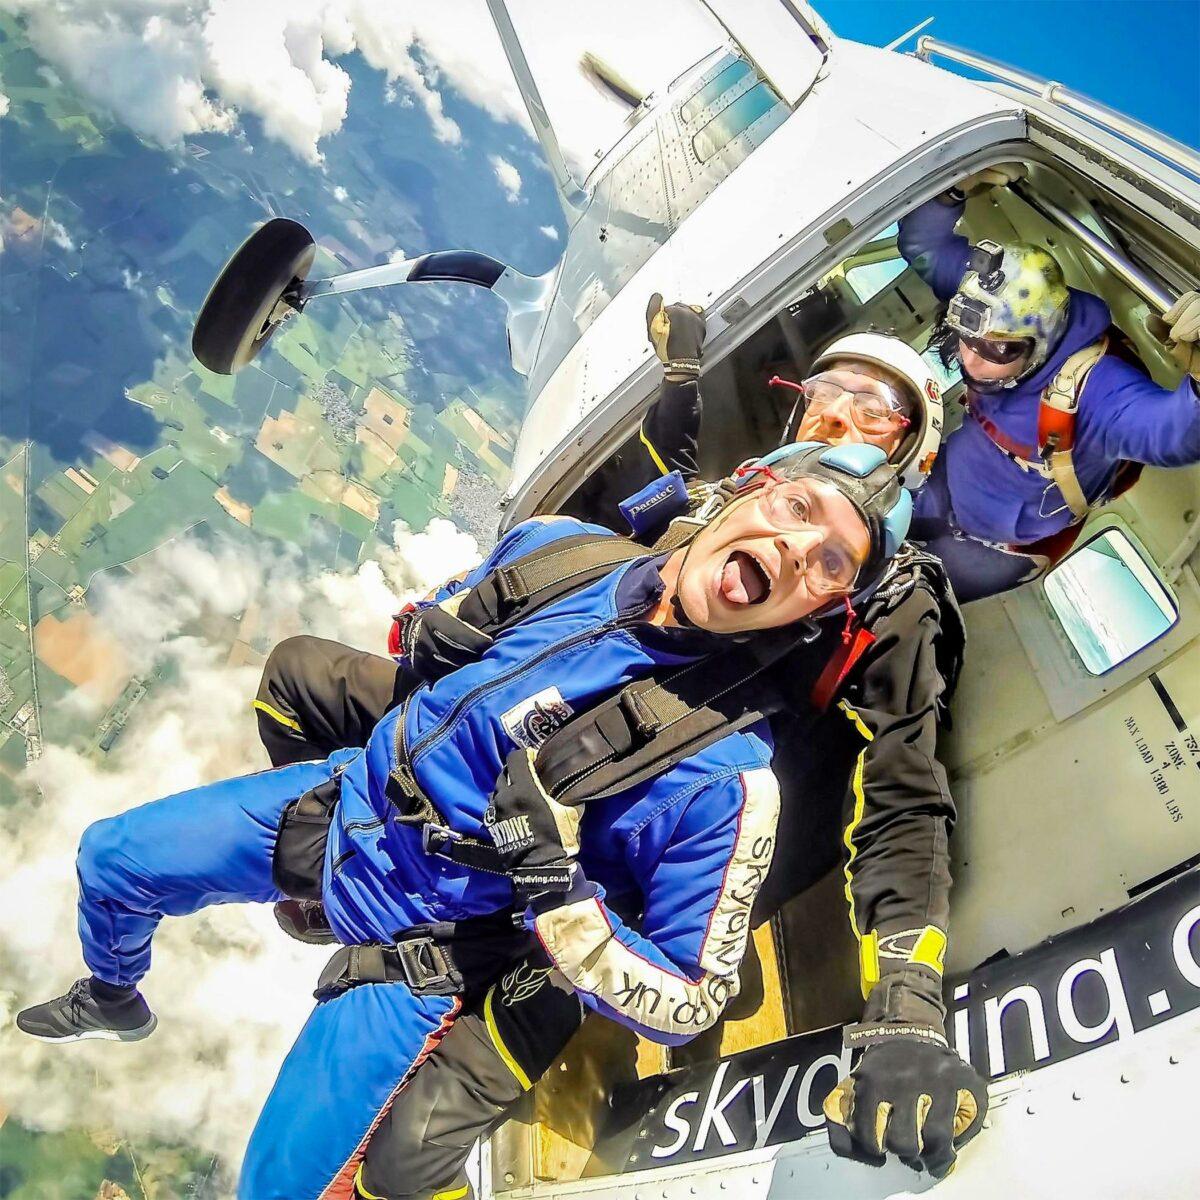 skydive-hibaldstow-tandem-skydiving-exit